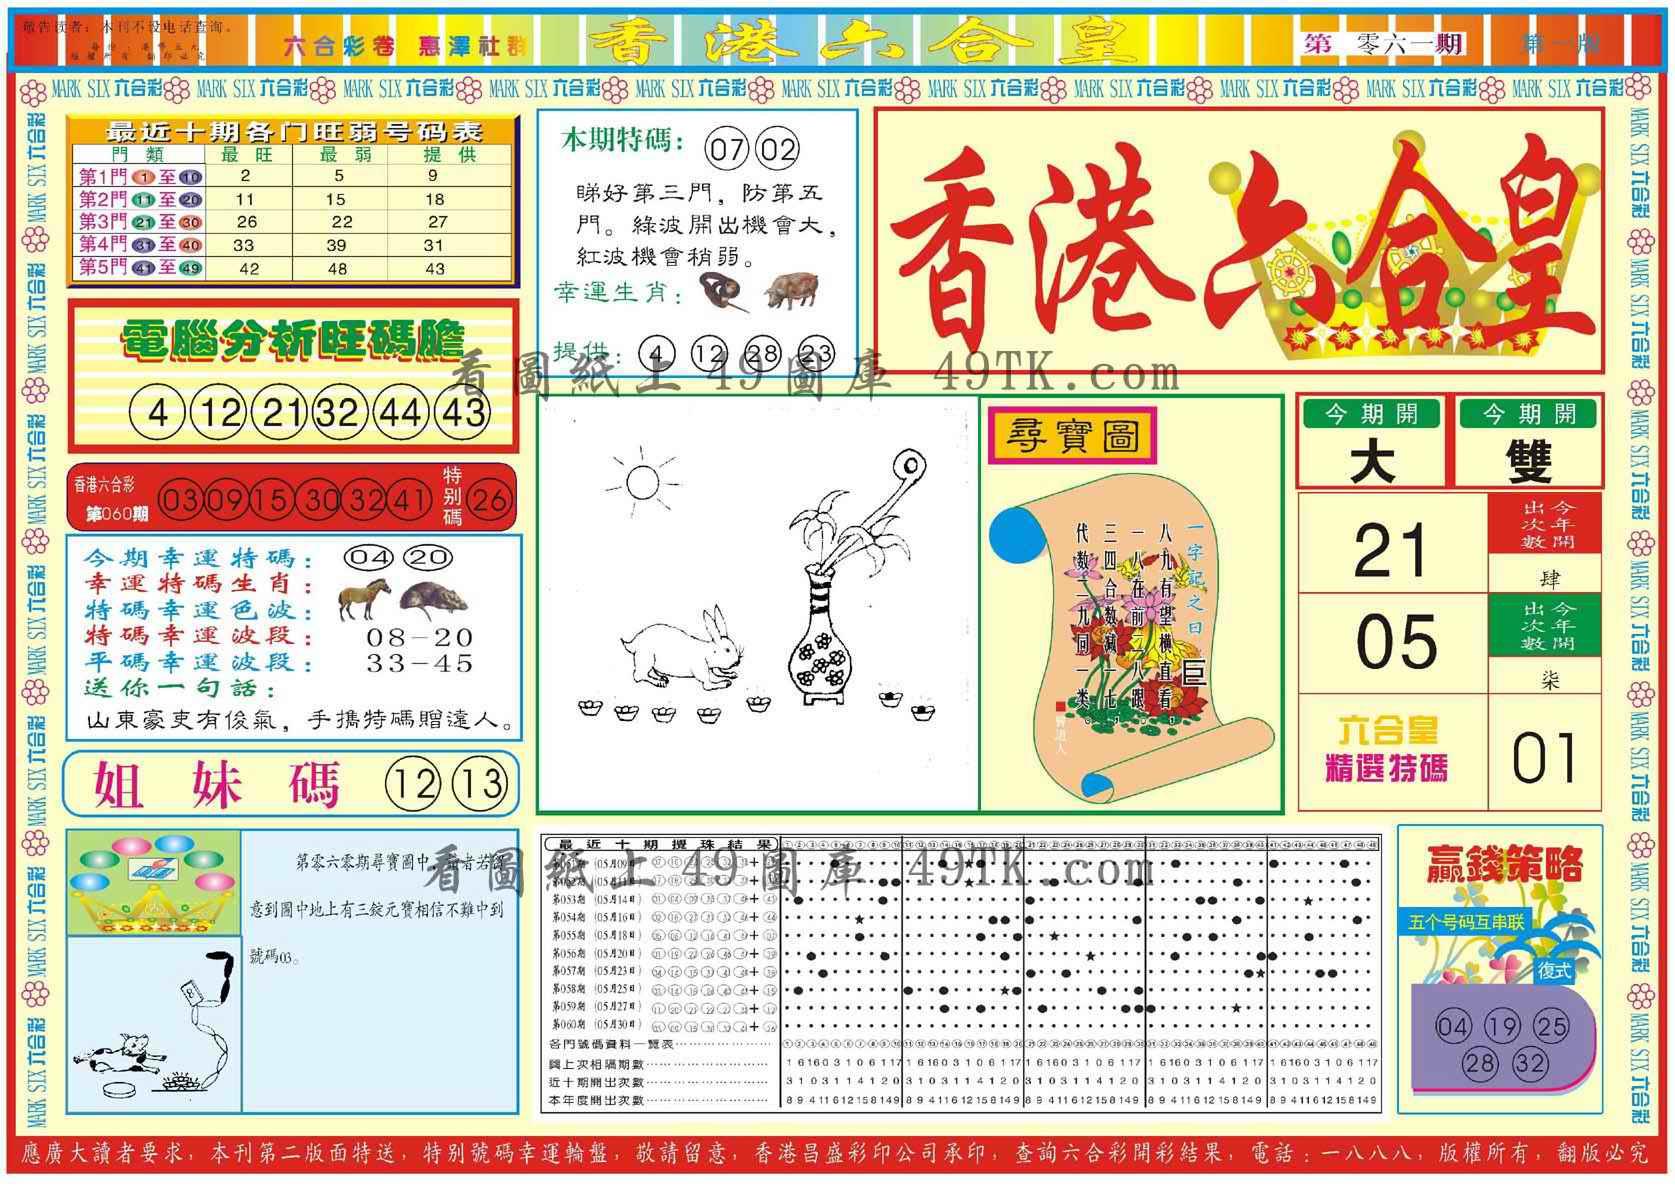 061期香港六合皇A